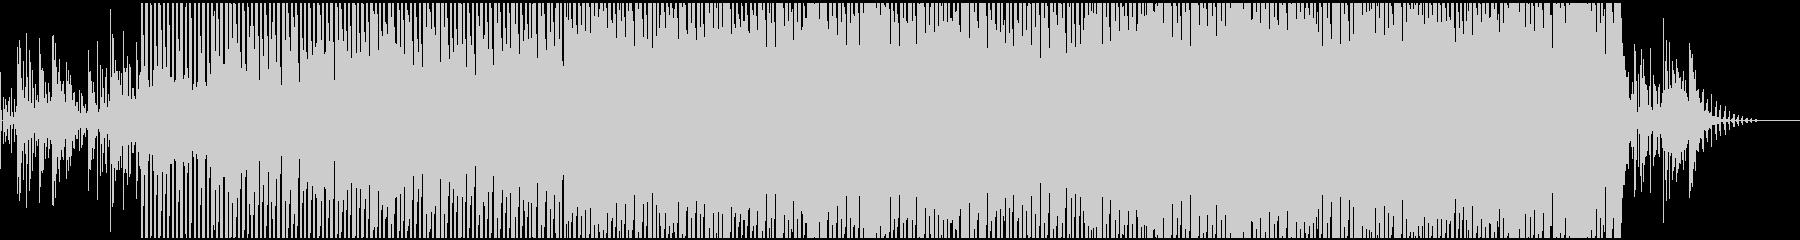 パワフルなテクノサウンドの未再生の波形